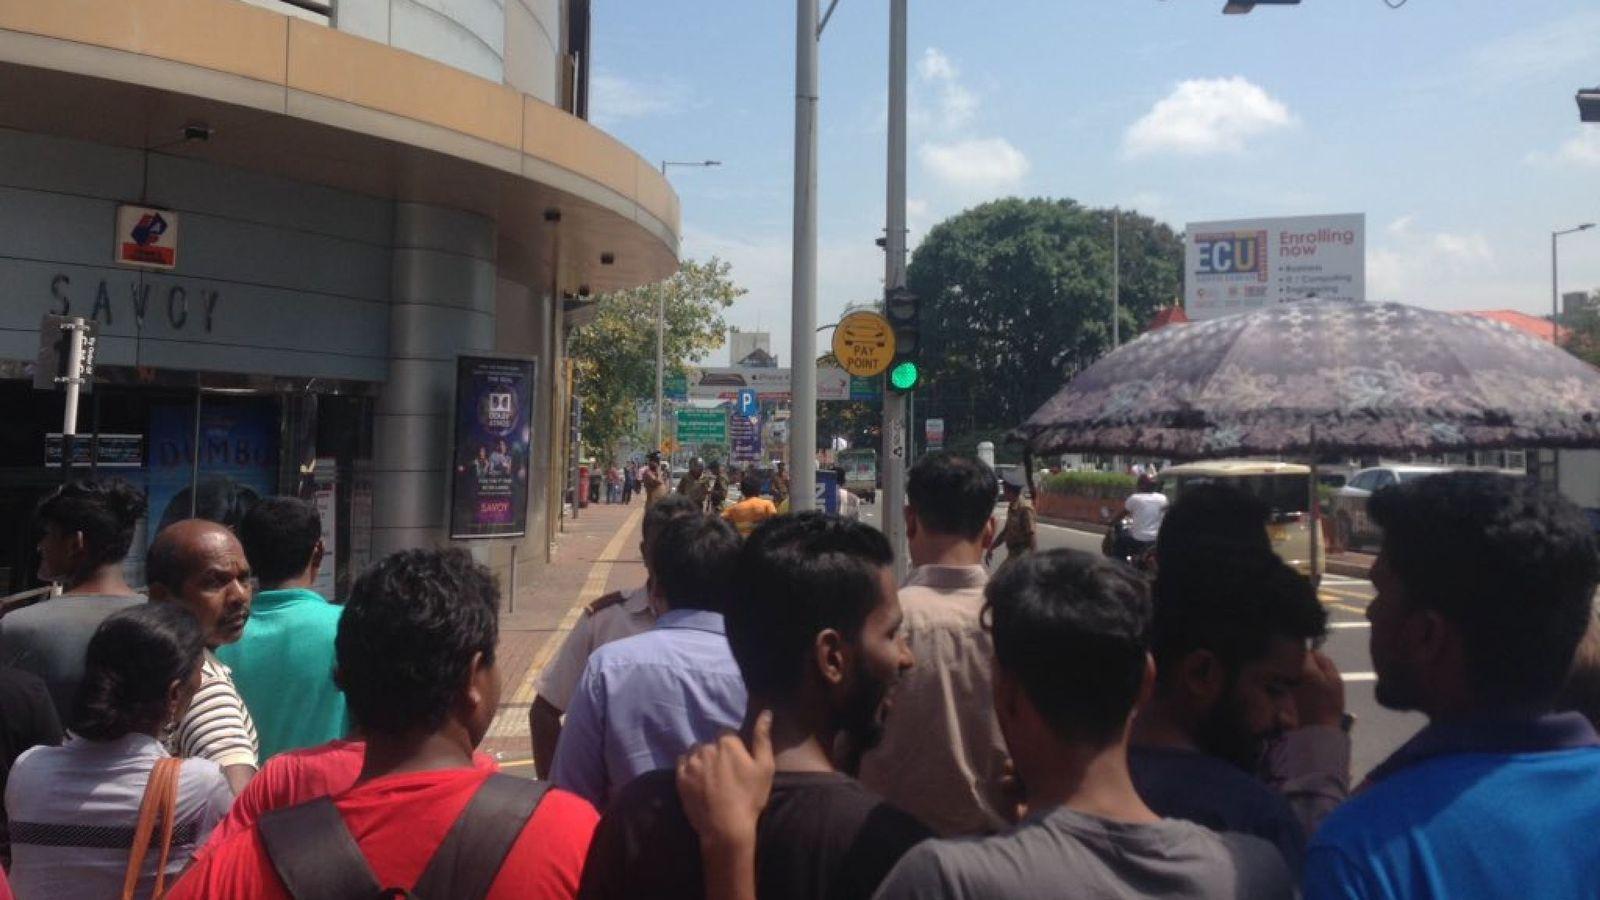 斯里兰卡再次发生爆炸 警方称系安全部队所为